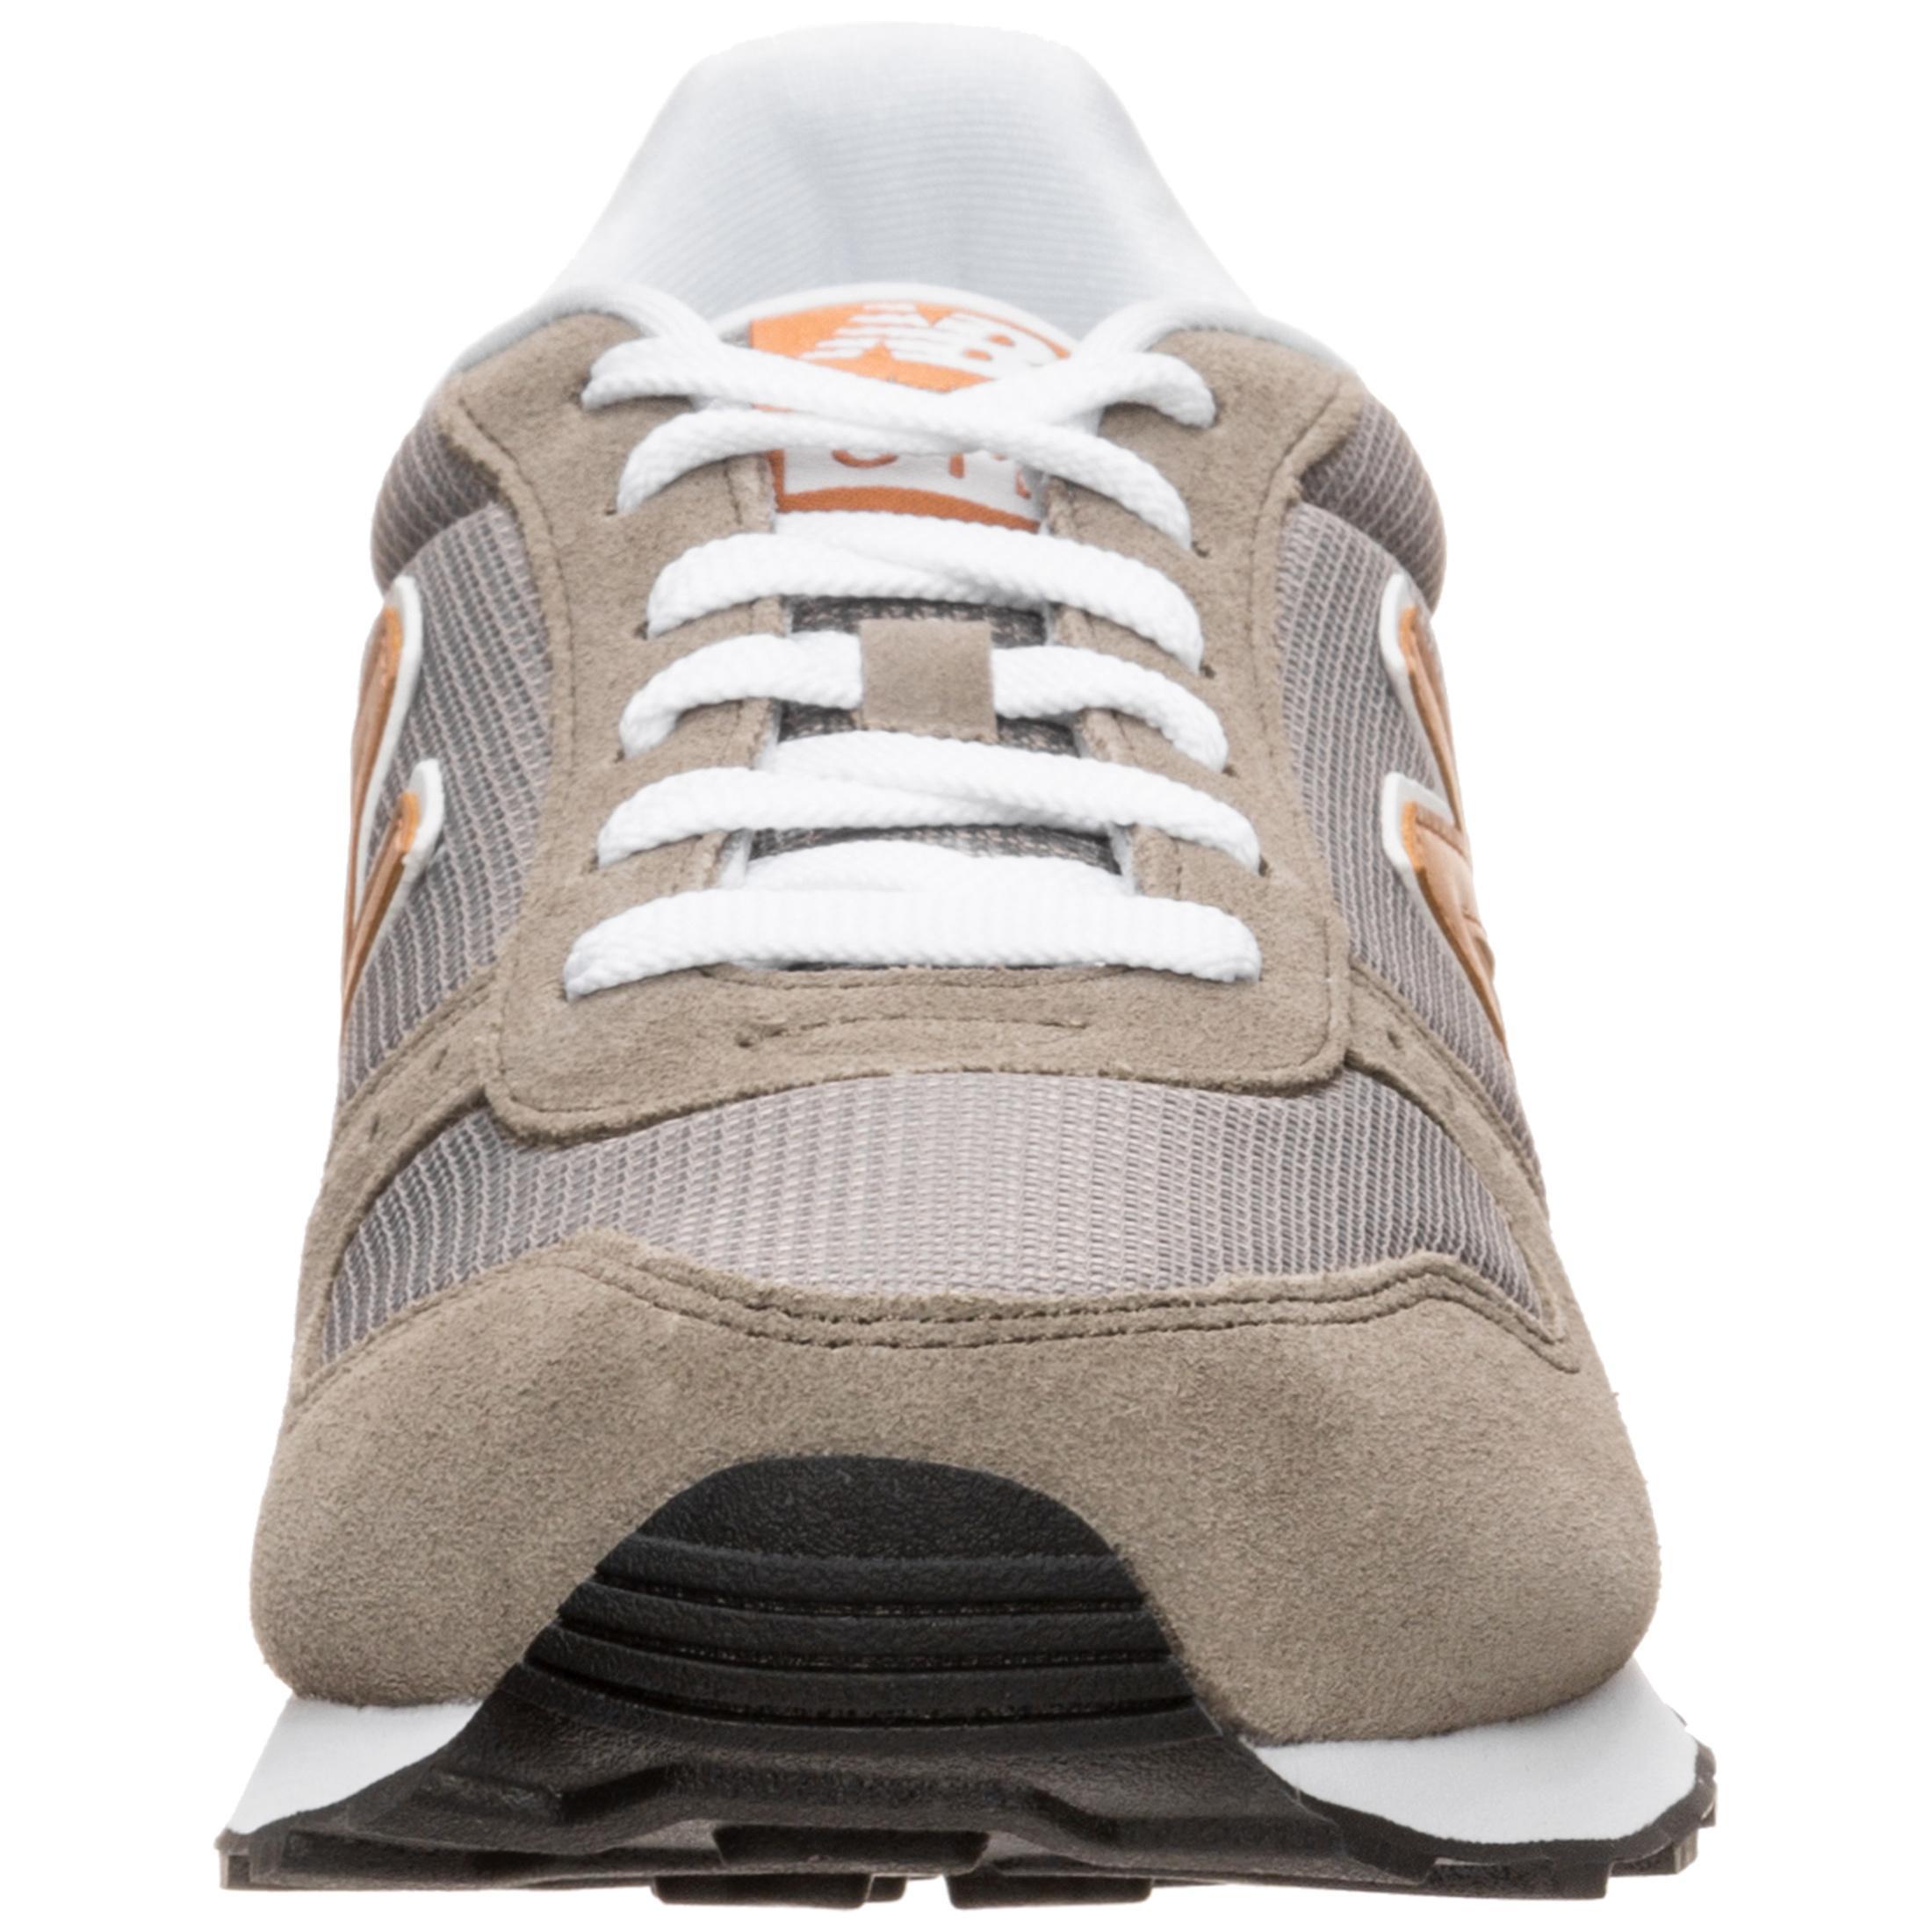 NEW BALANCE ML311-BNB Sneaker khaki / braun / / / weiß im Online Shop von SportScheck kaufen Gute Qualität beliebte Schuhe e20044